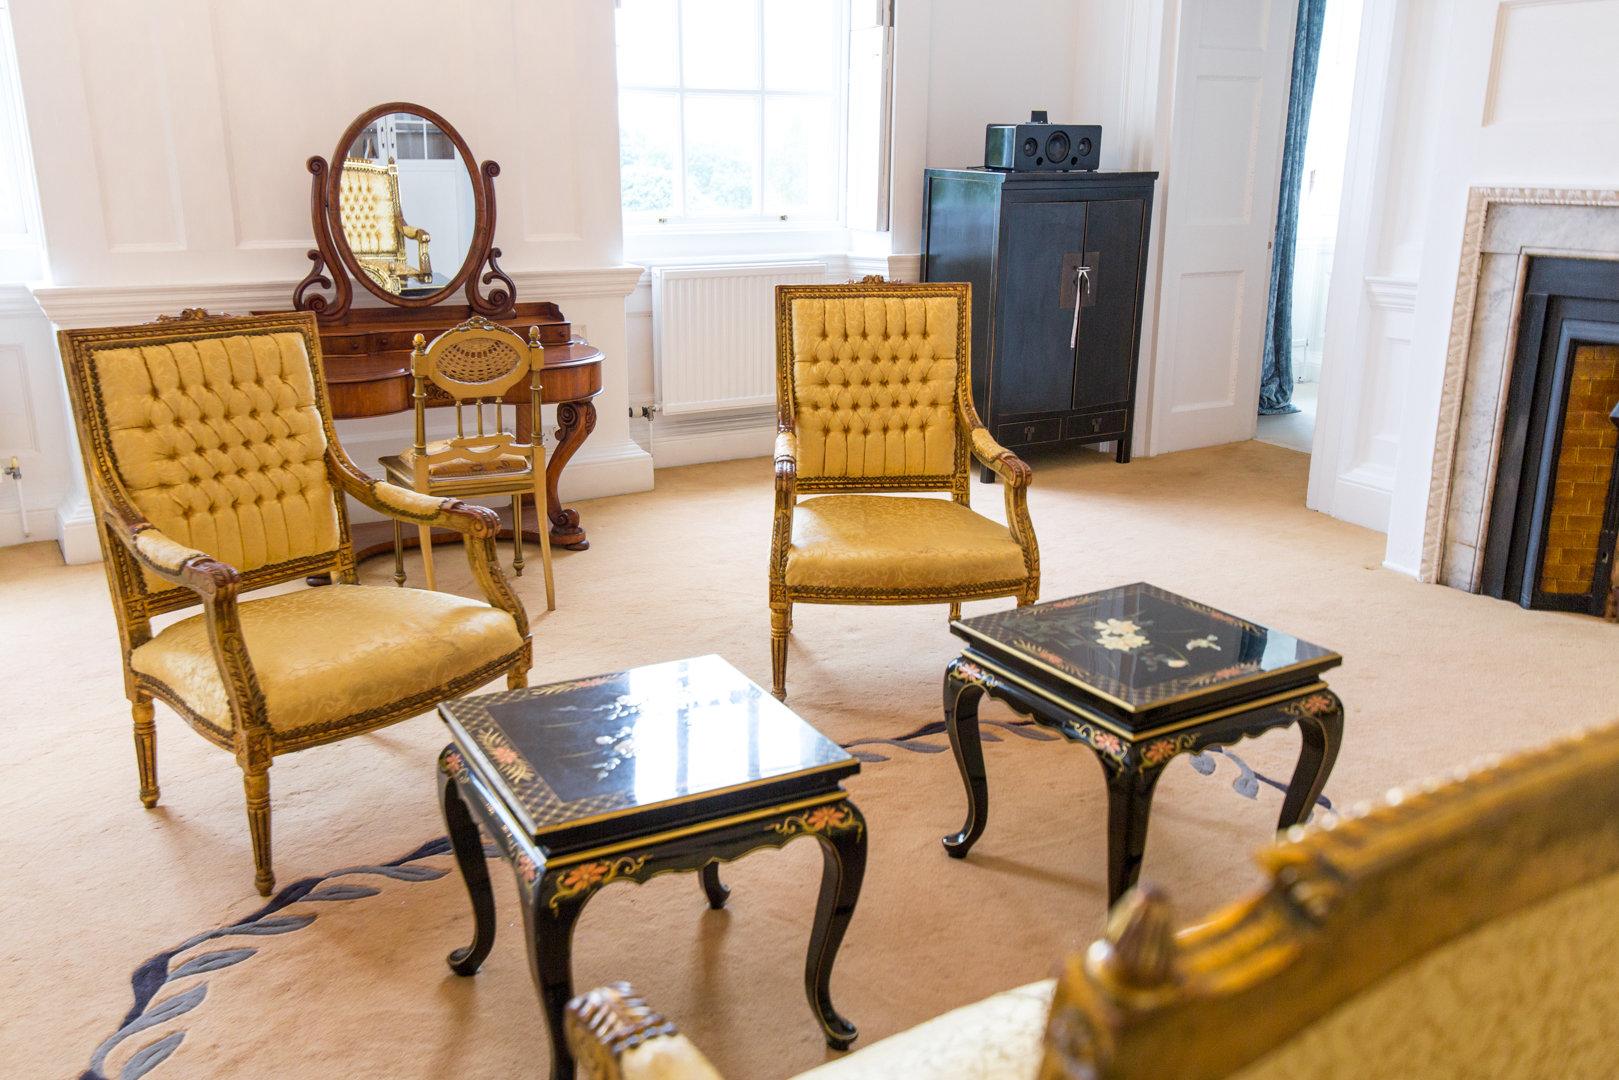 boreham house accommodation